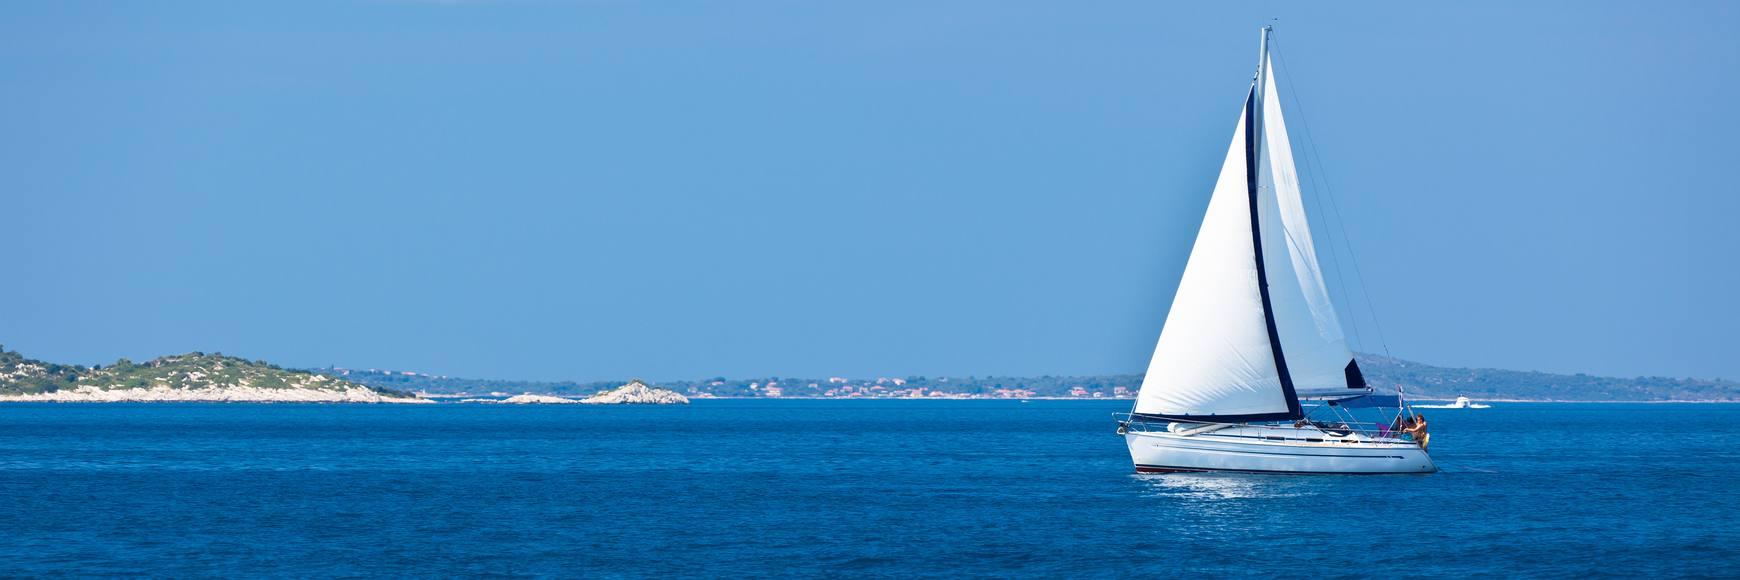 sailboat charter Tortola